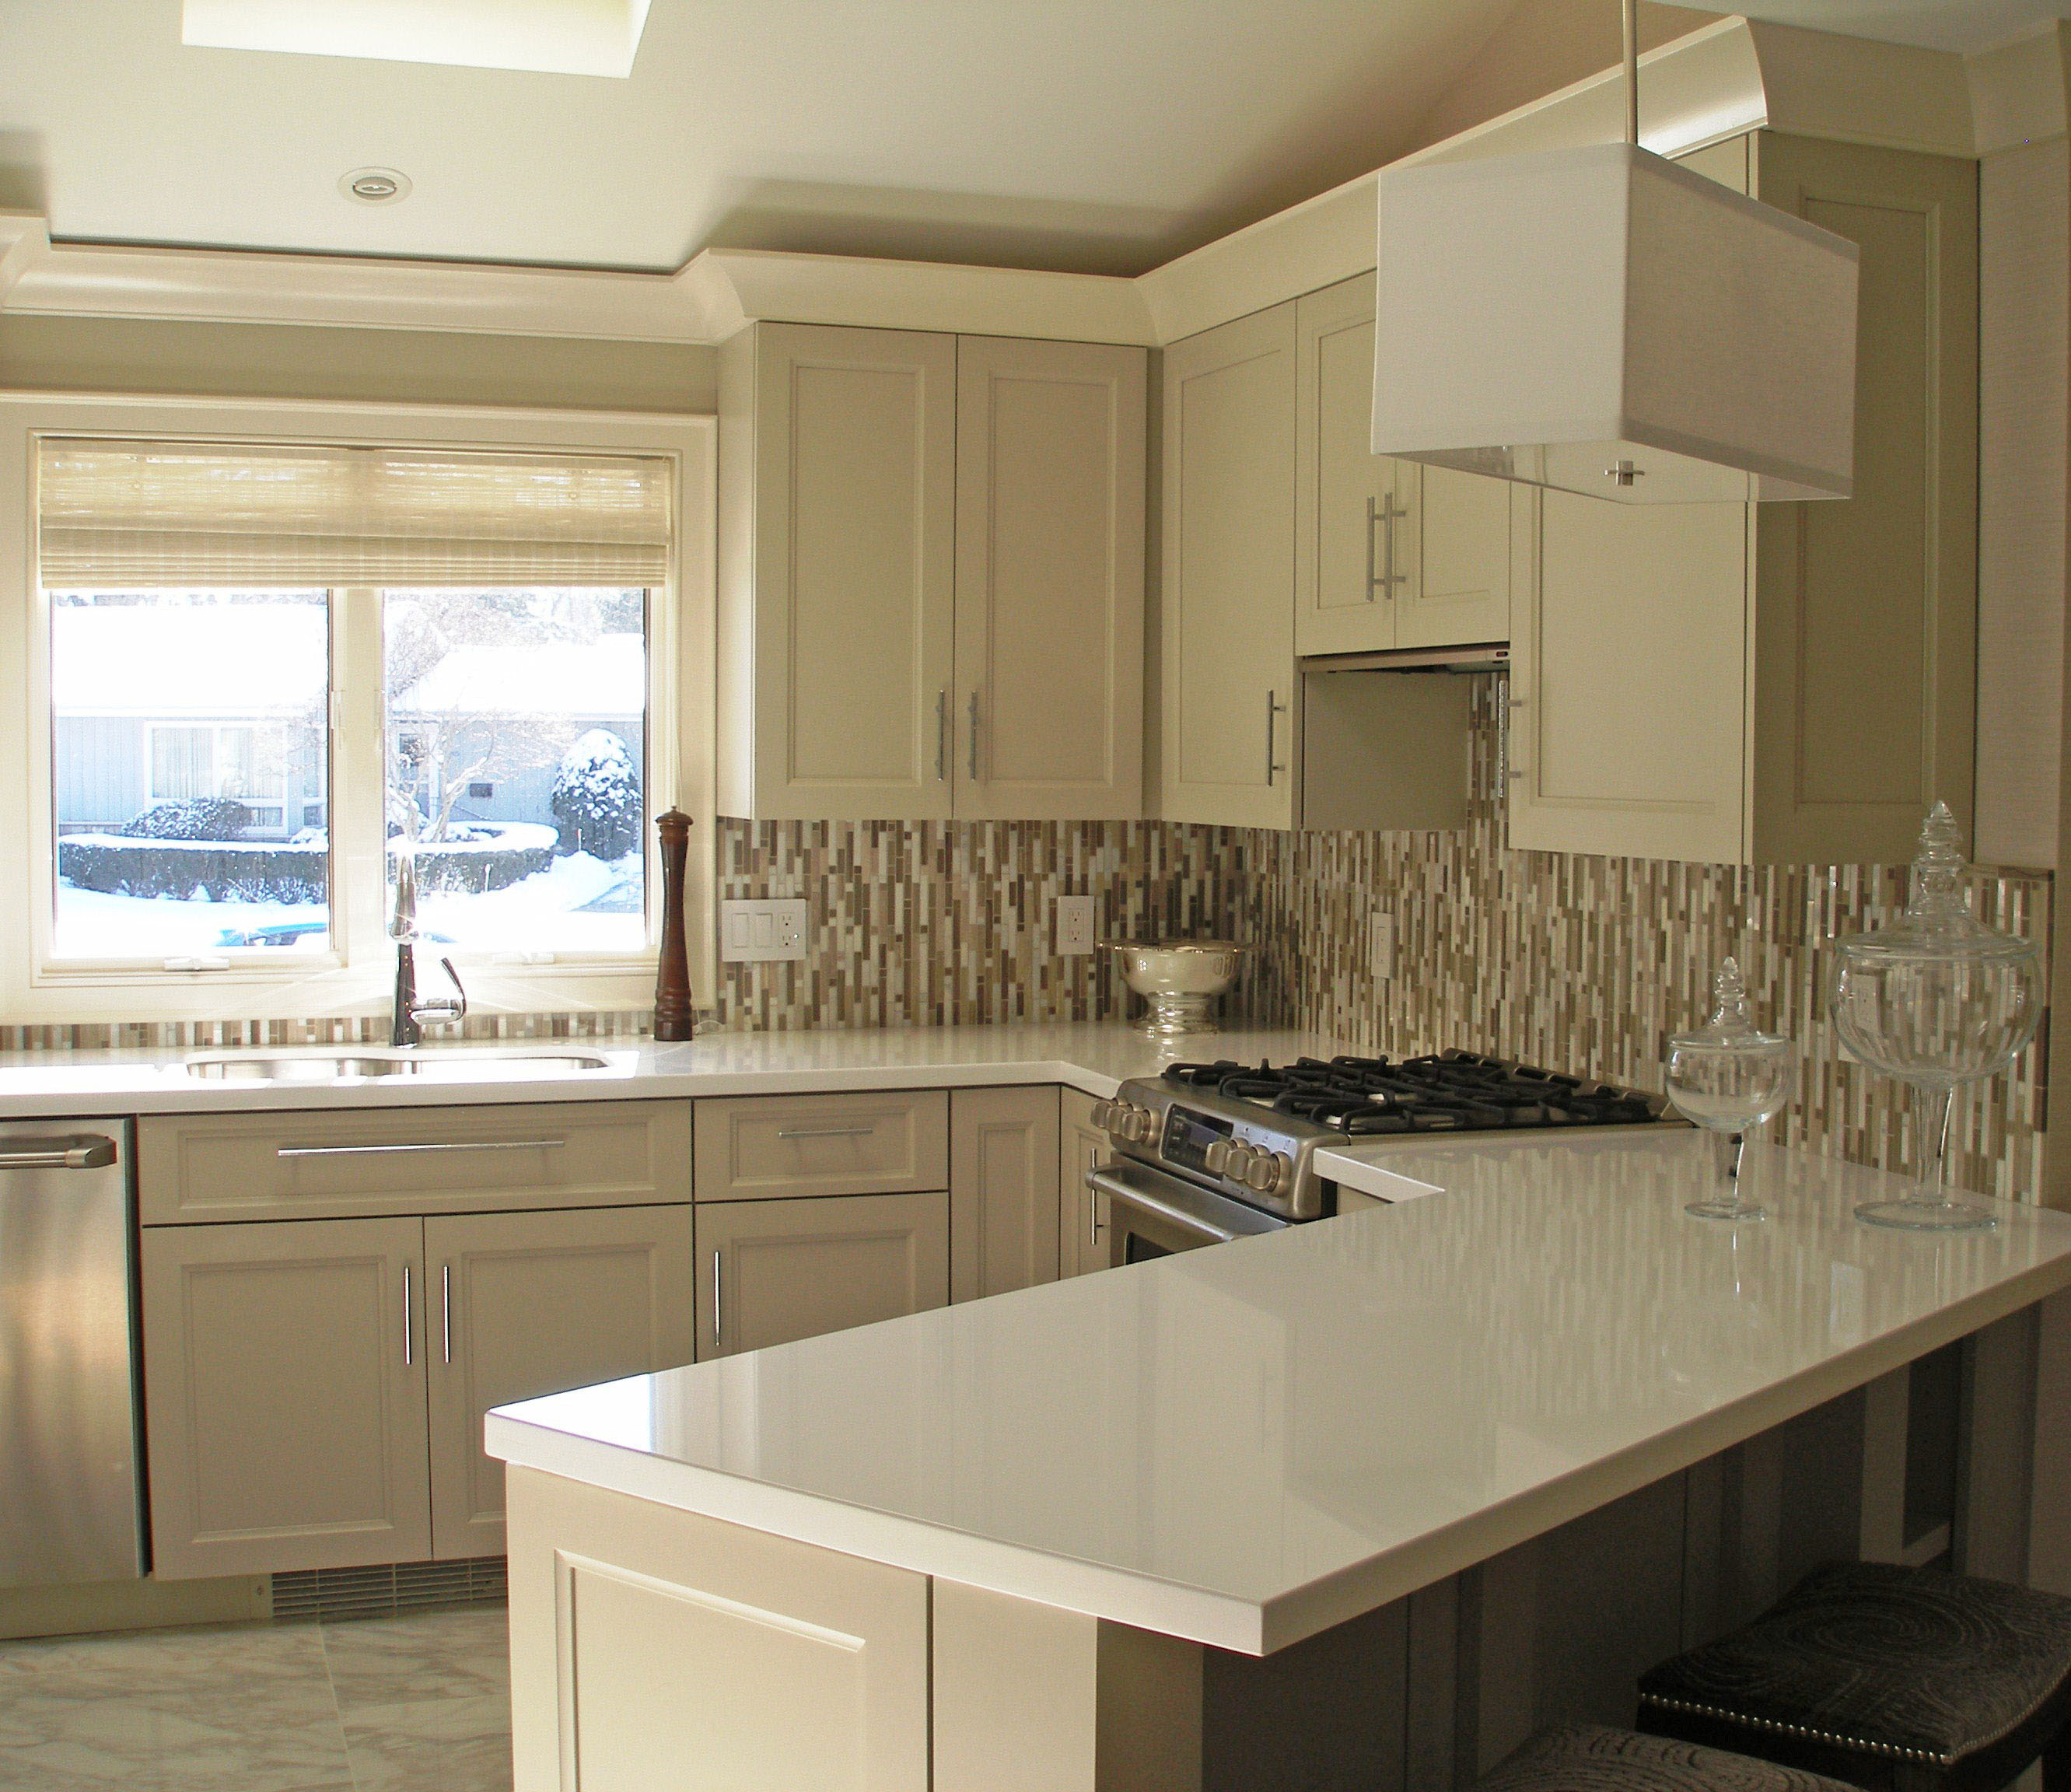 Fullsize Of Full Overlay Cabinets